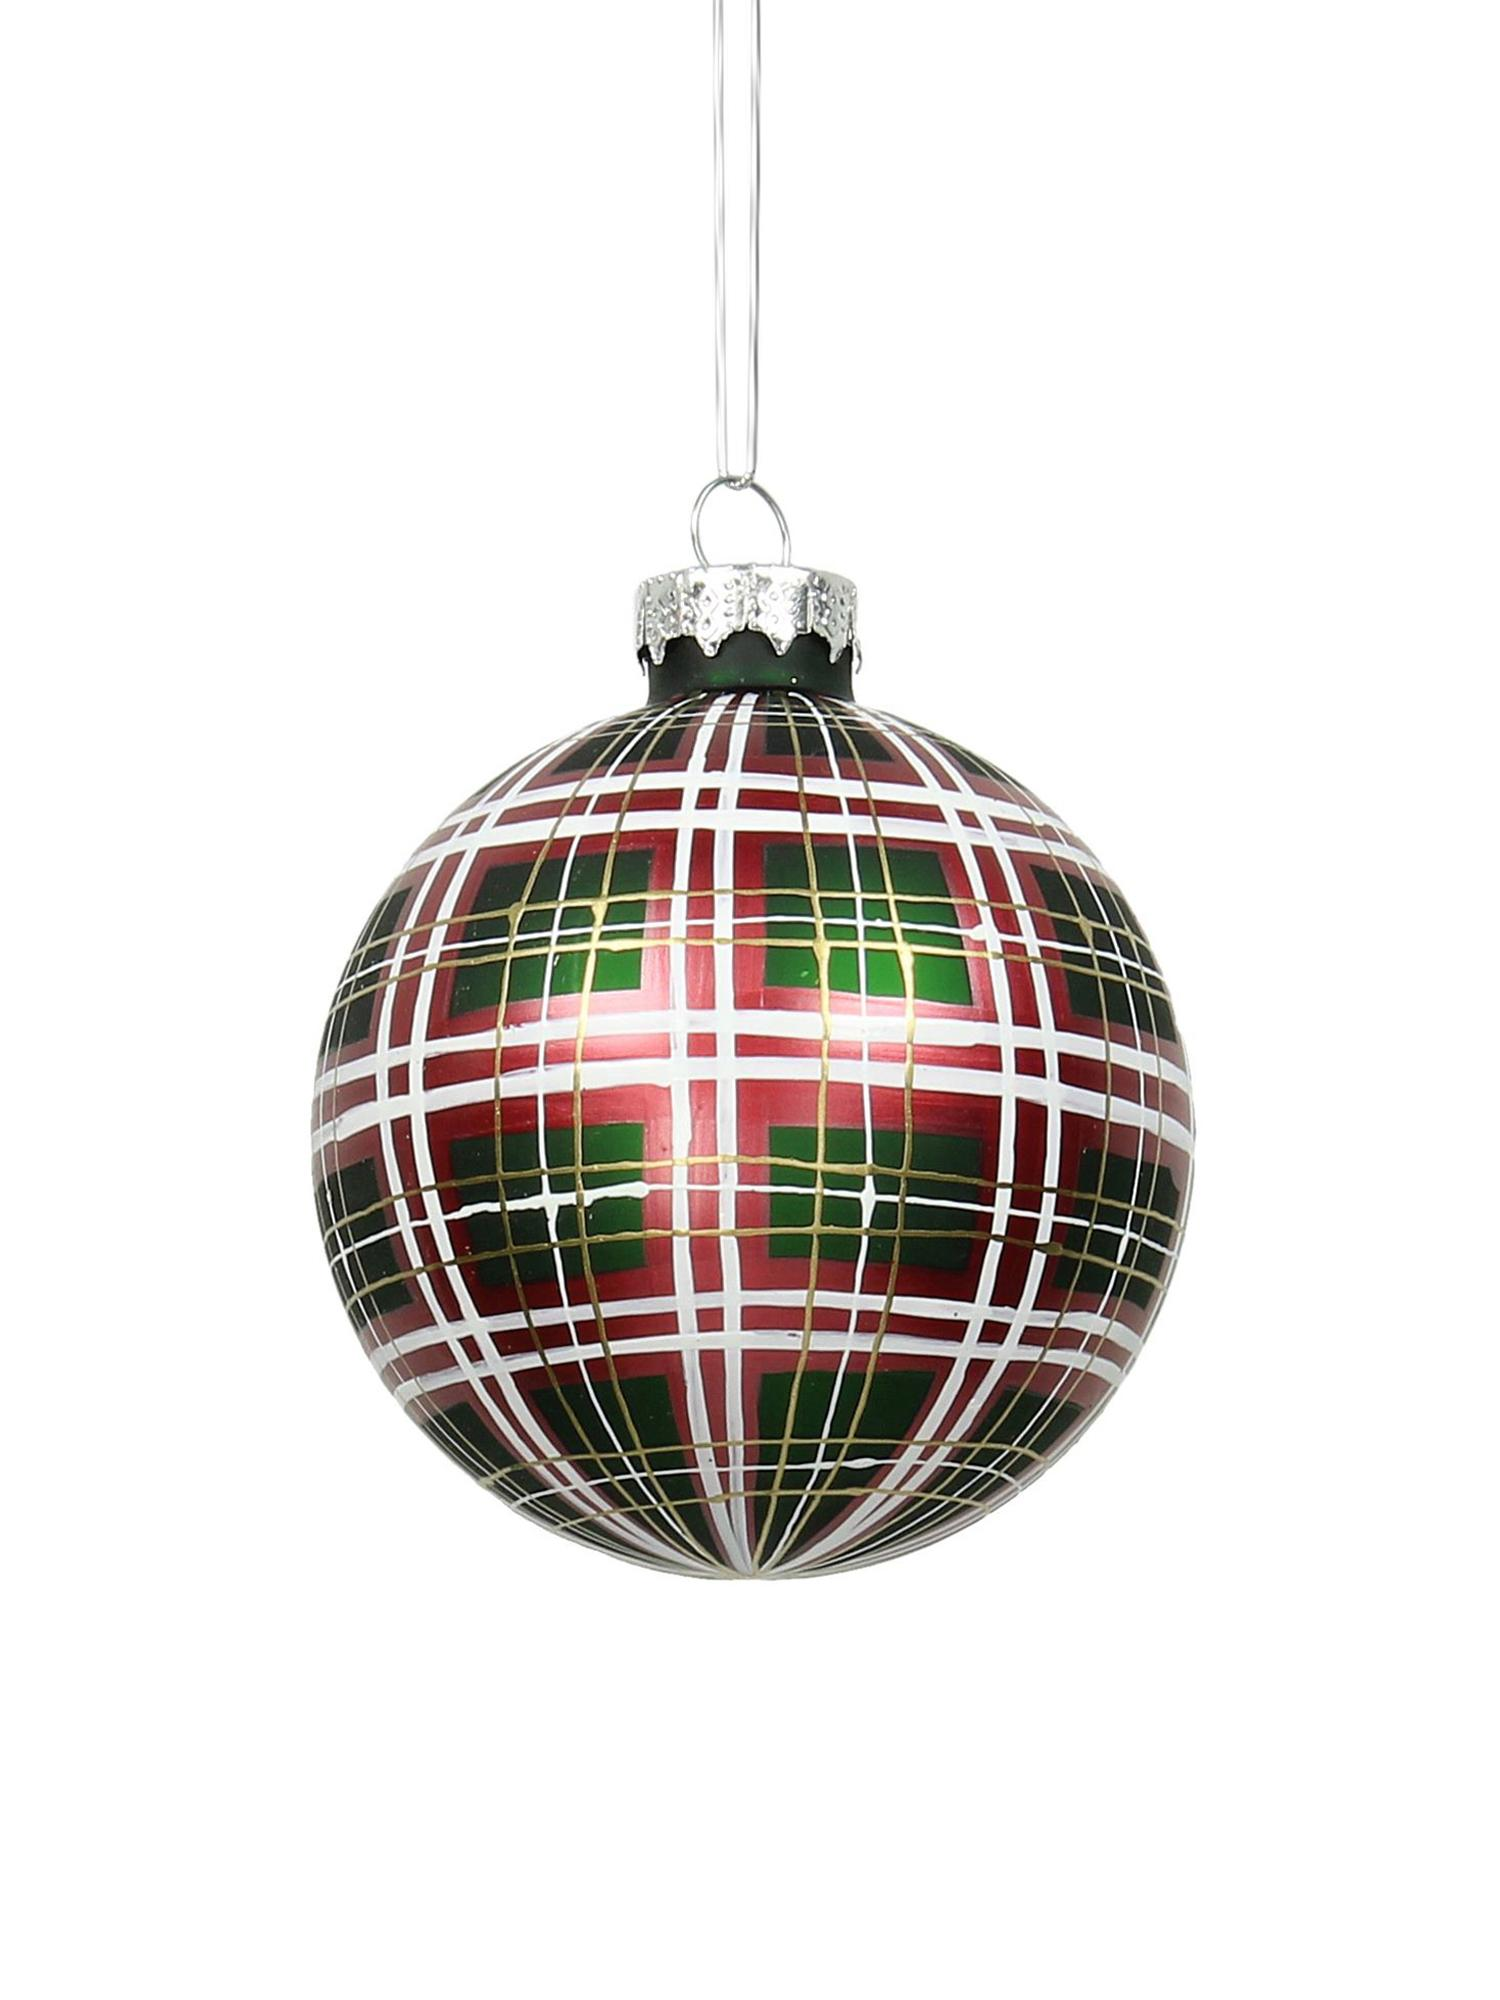 Palline di Natale Quadri 2 pz, Verde, rosso, bianco, dorato, Ø 9 cm